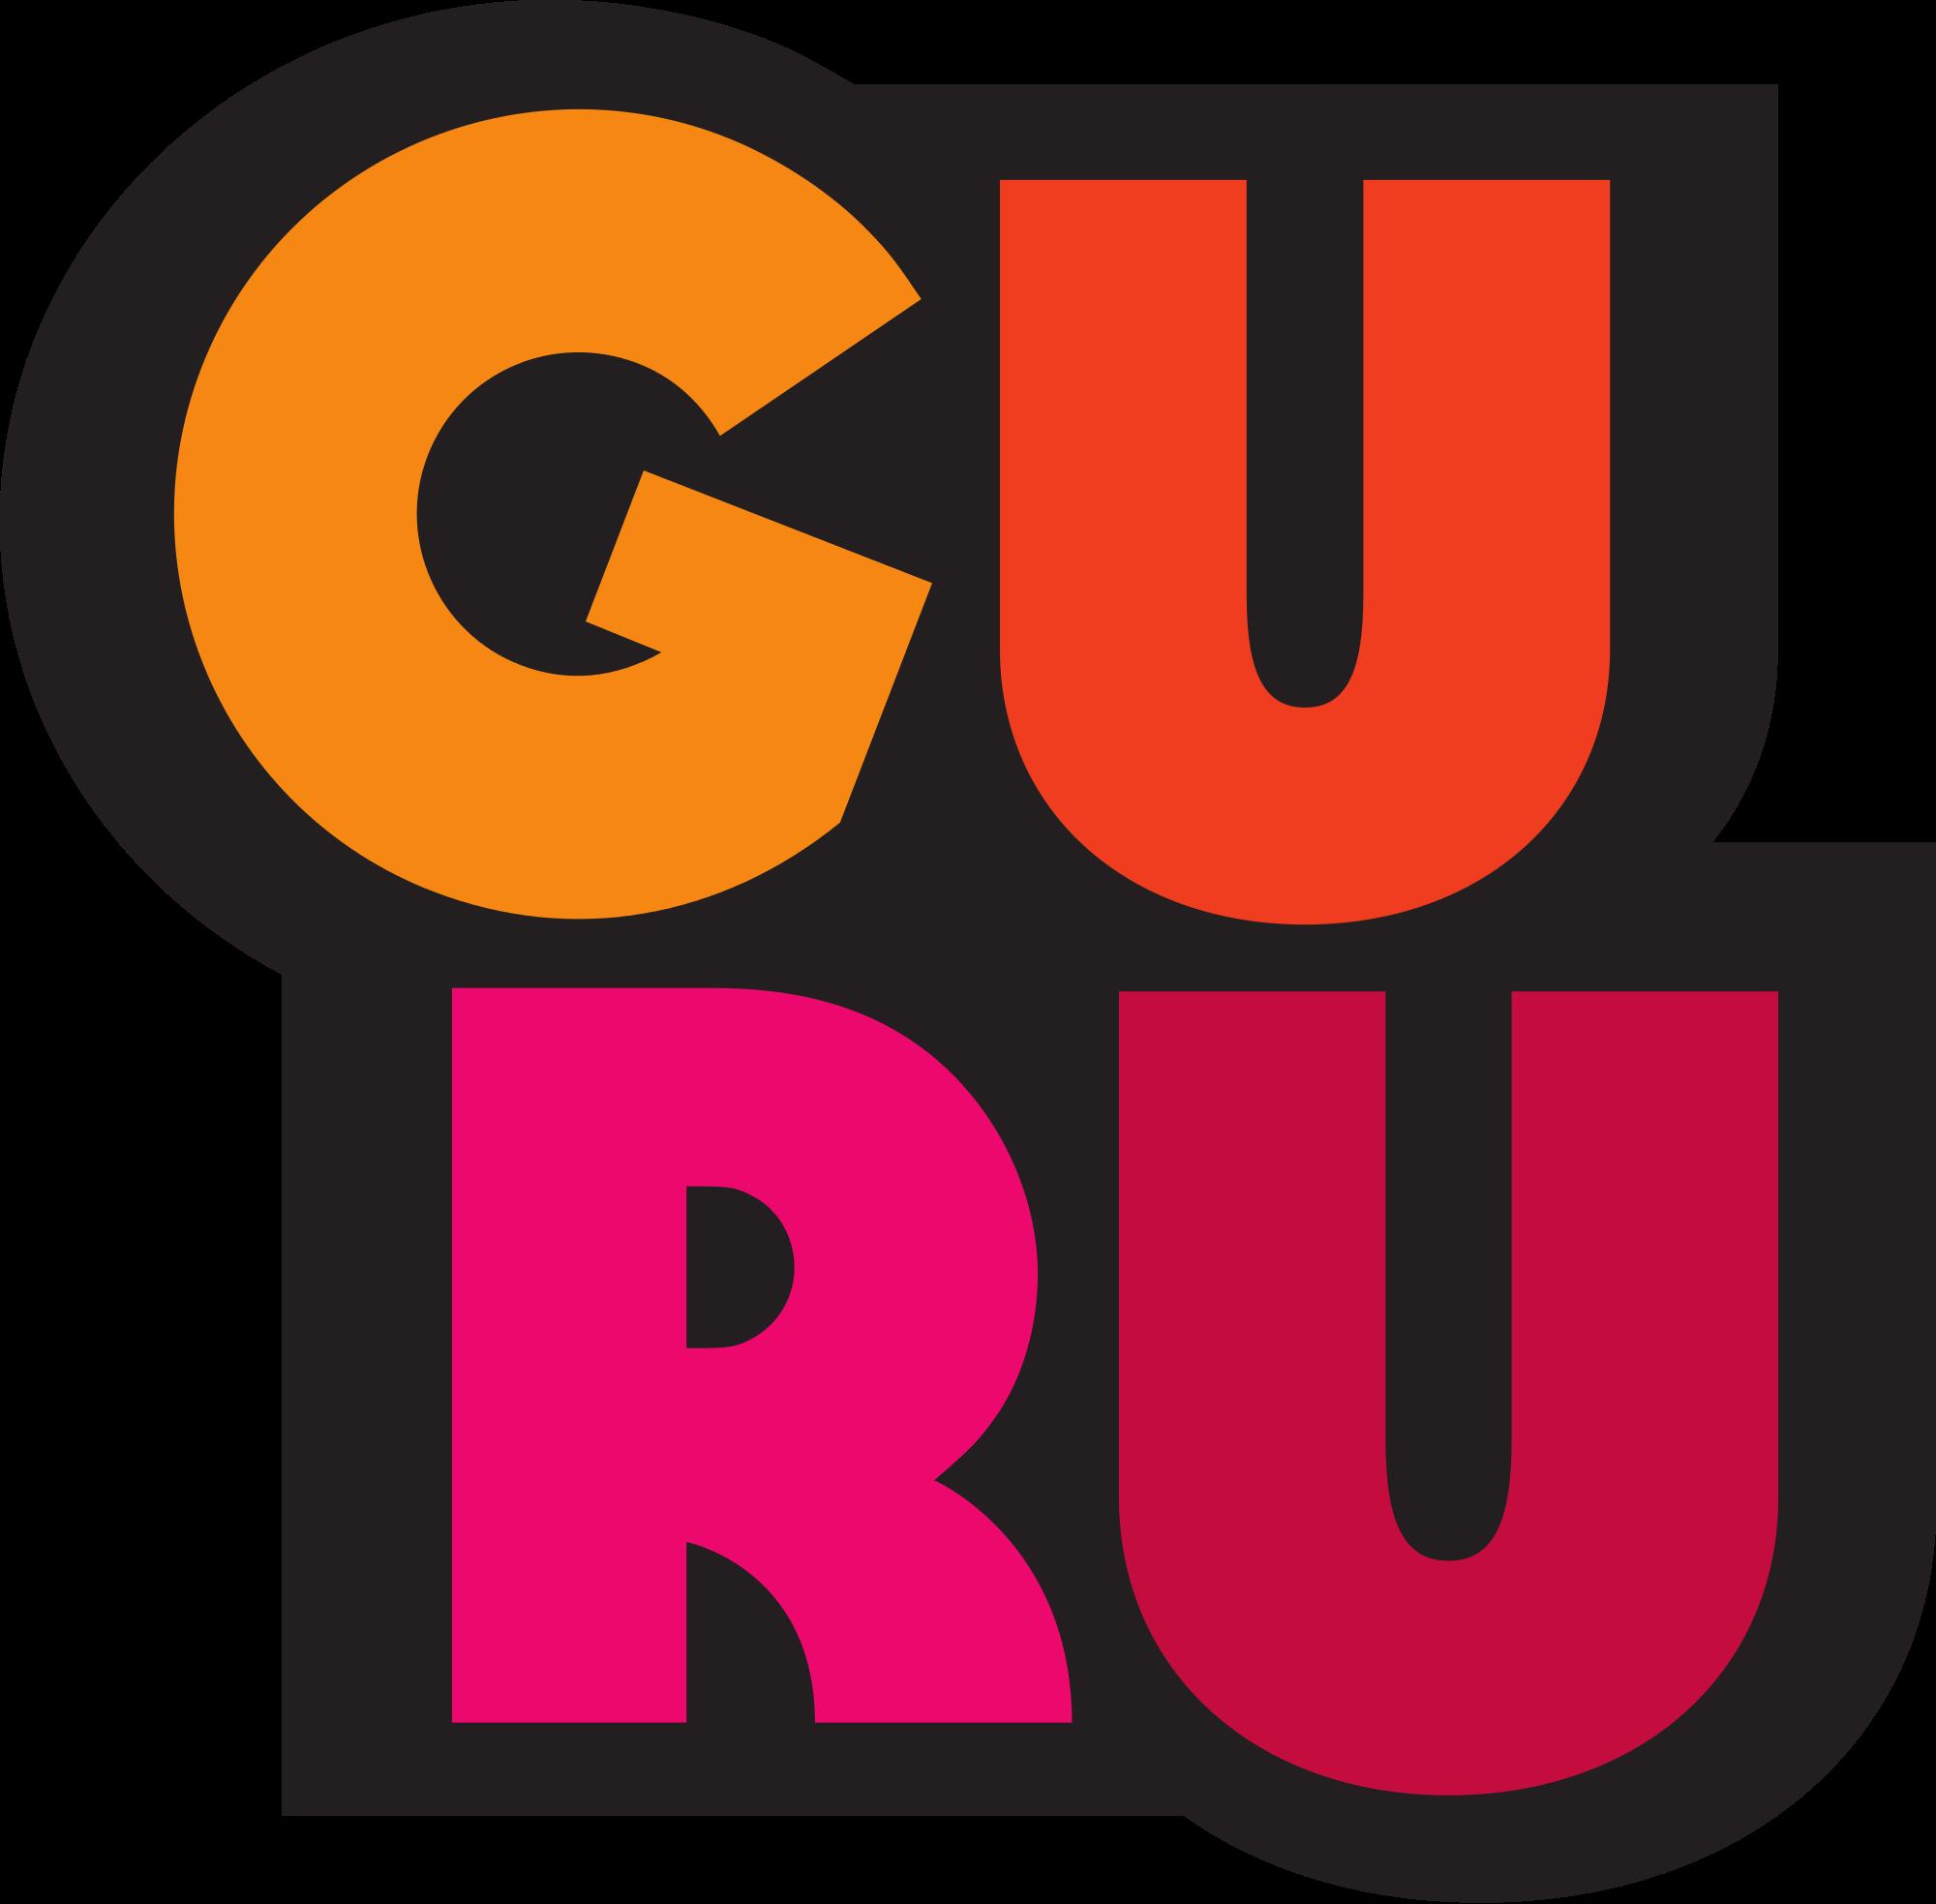 PNG Guru